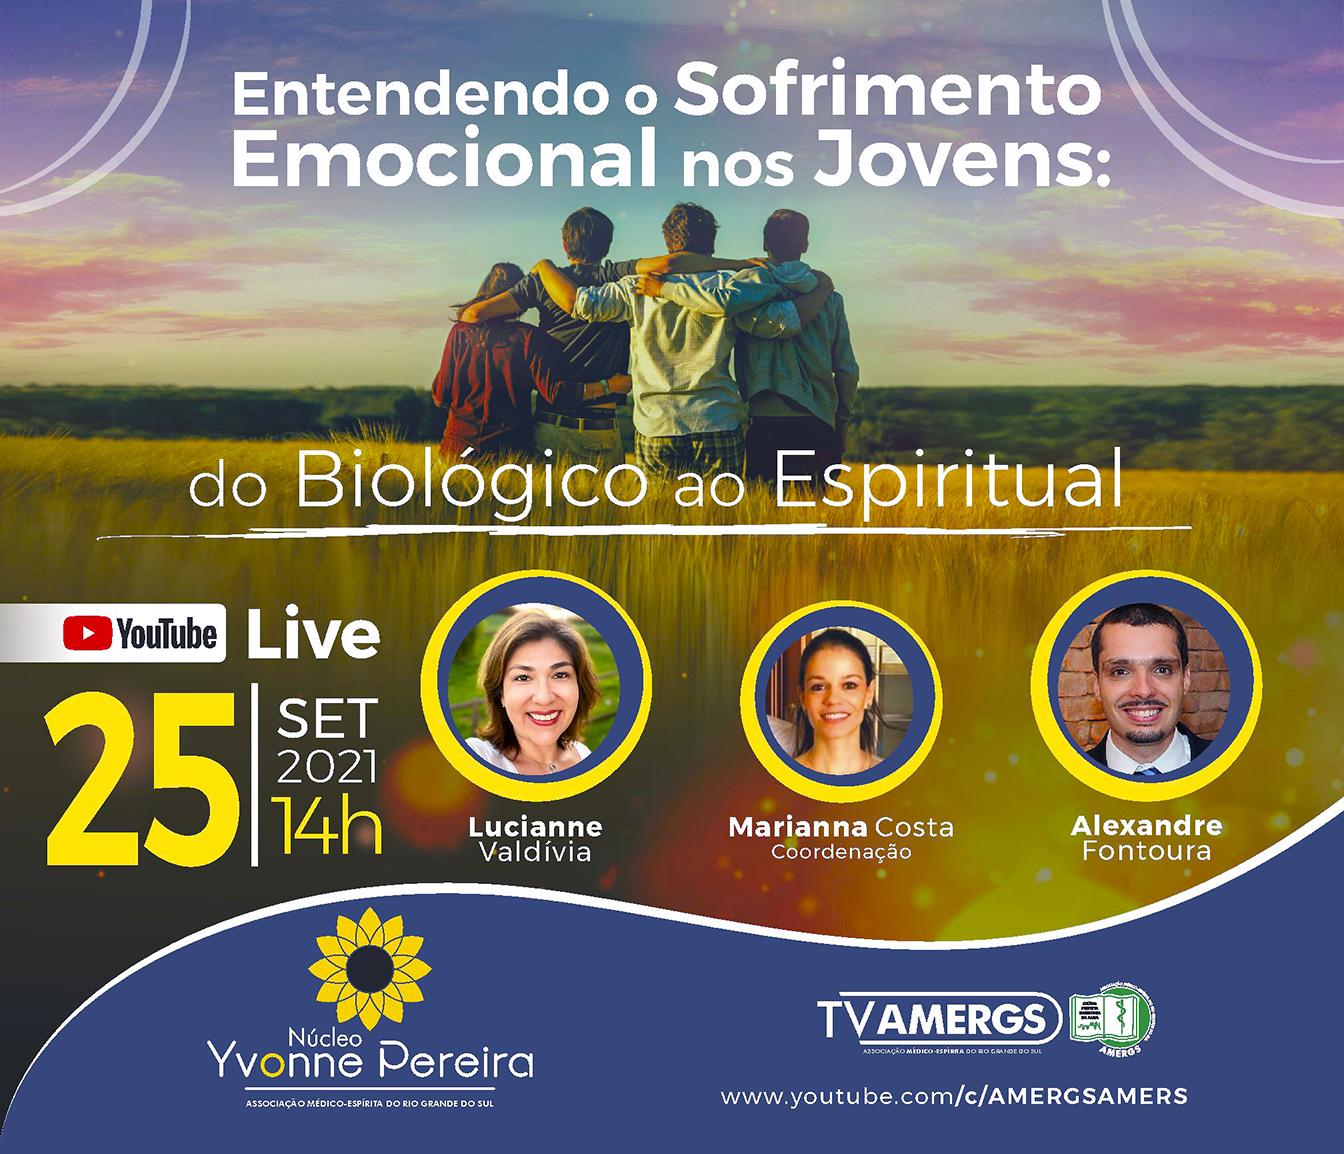 Live: Entendendo o Sofrimento Emocional nos Jovens: do Biológico ao Espiritual